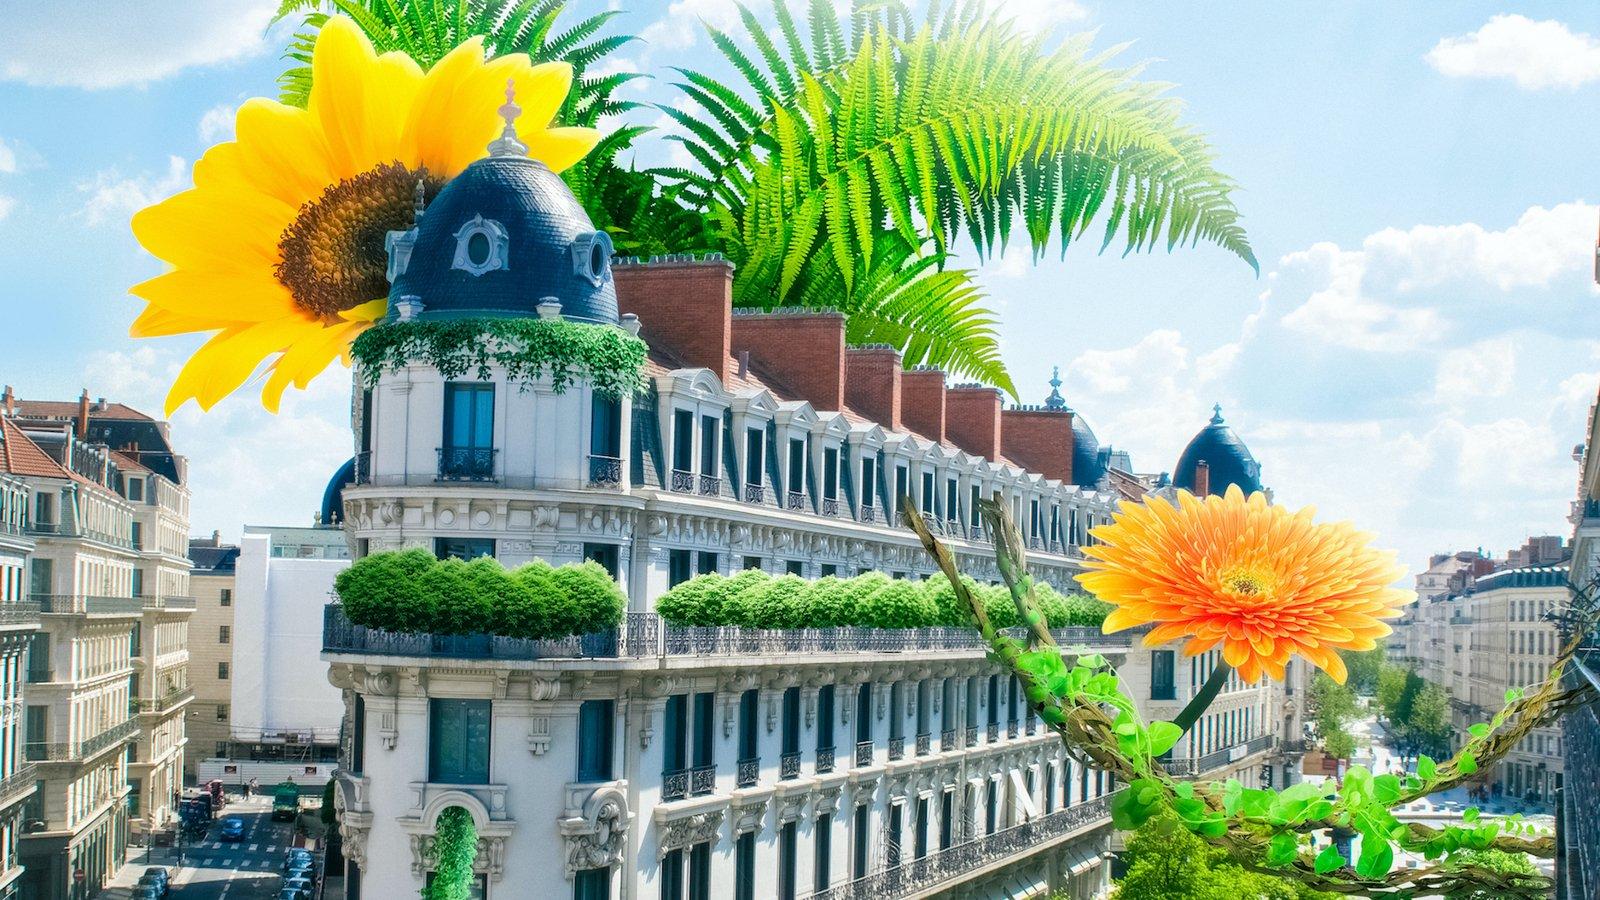 Garden in République - Du mercredi 8 au samedi 11 septembre